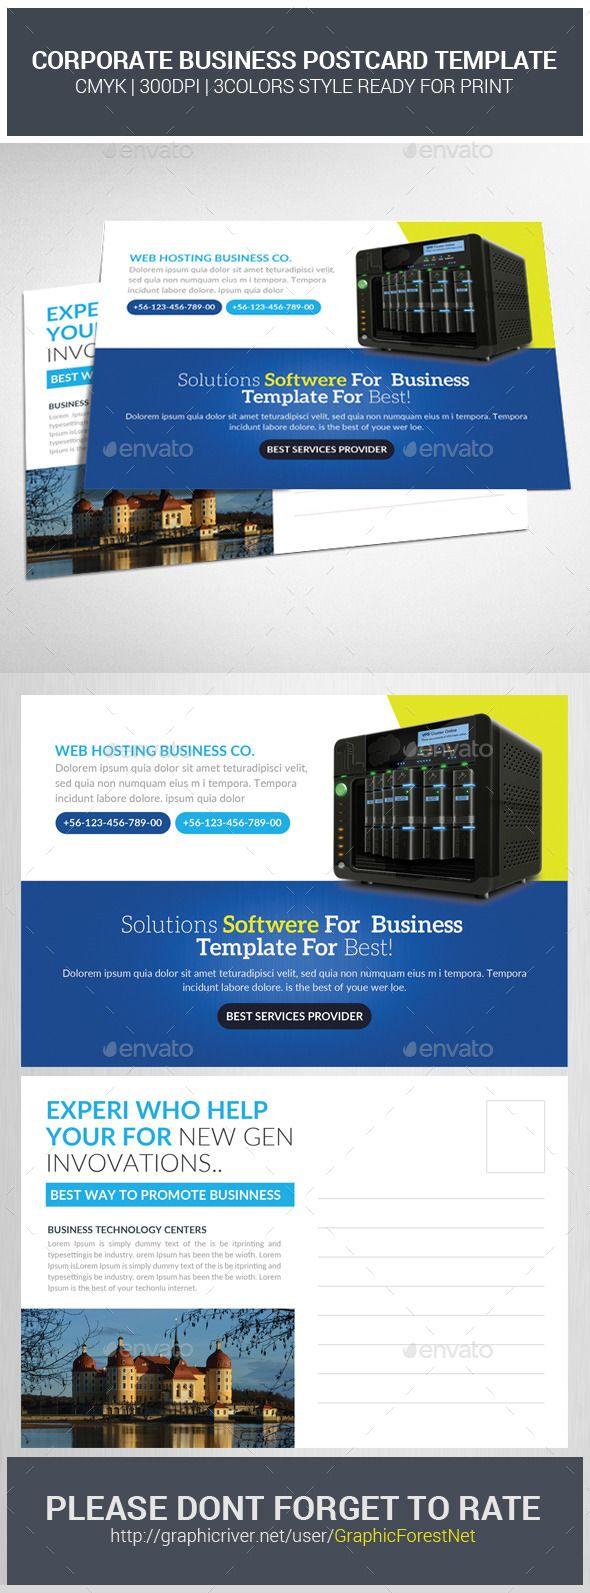 Best Postcards Images On Pinterest Postcard Design Print - Postcard flyer template